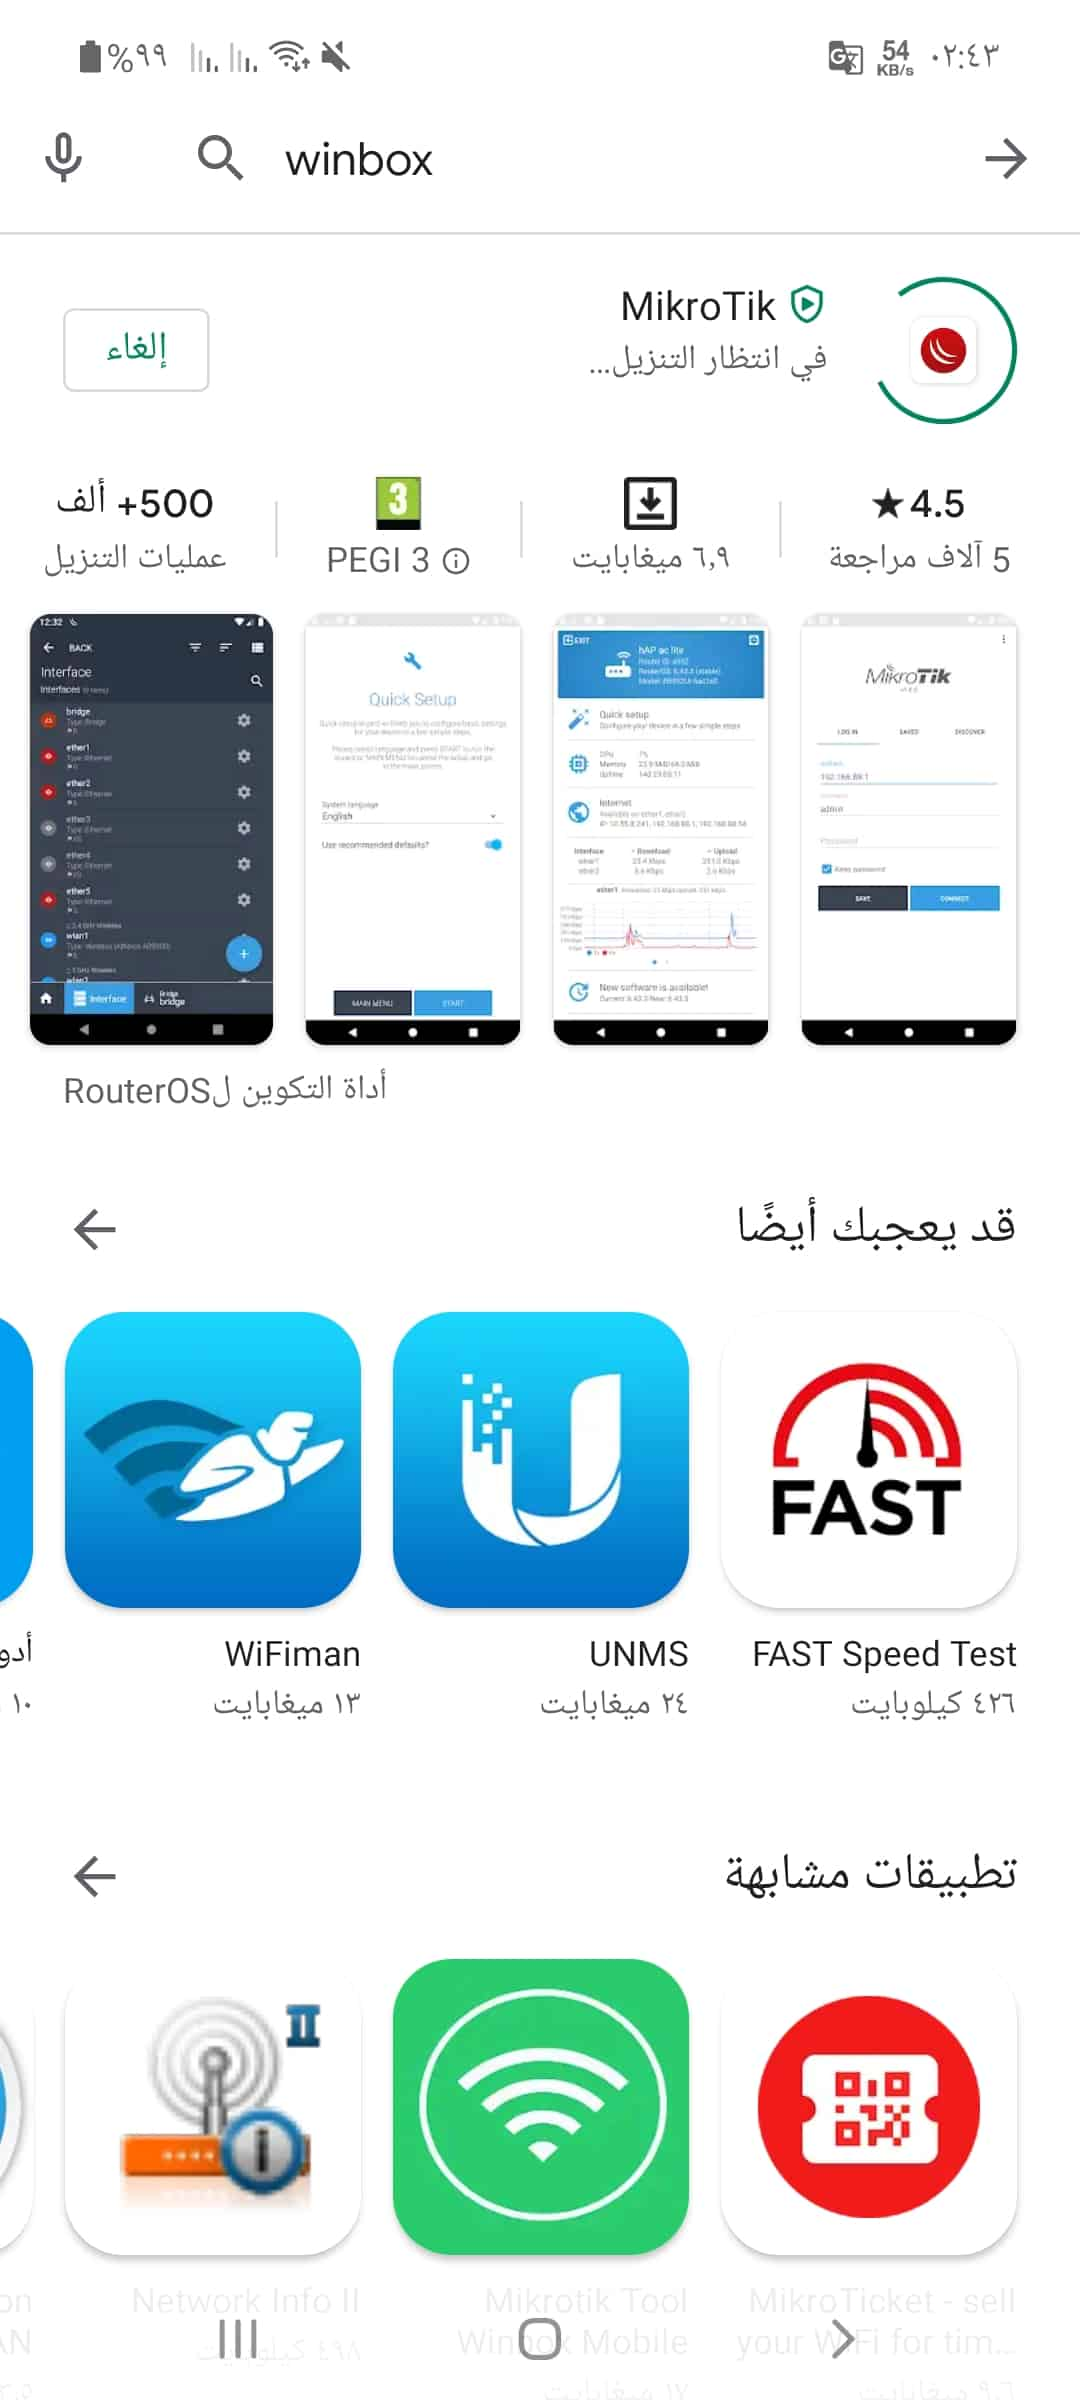 MikroTik mobile app